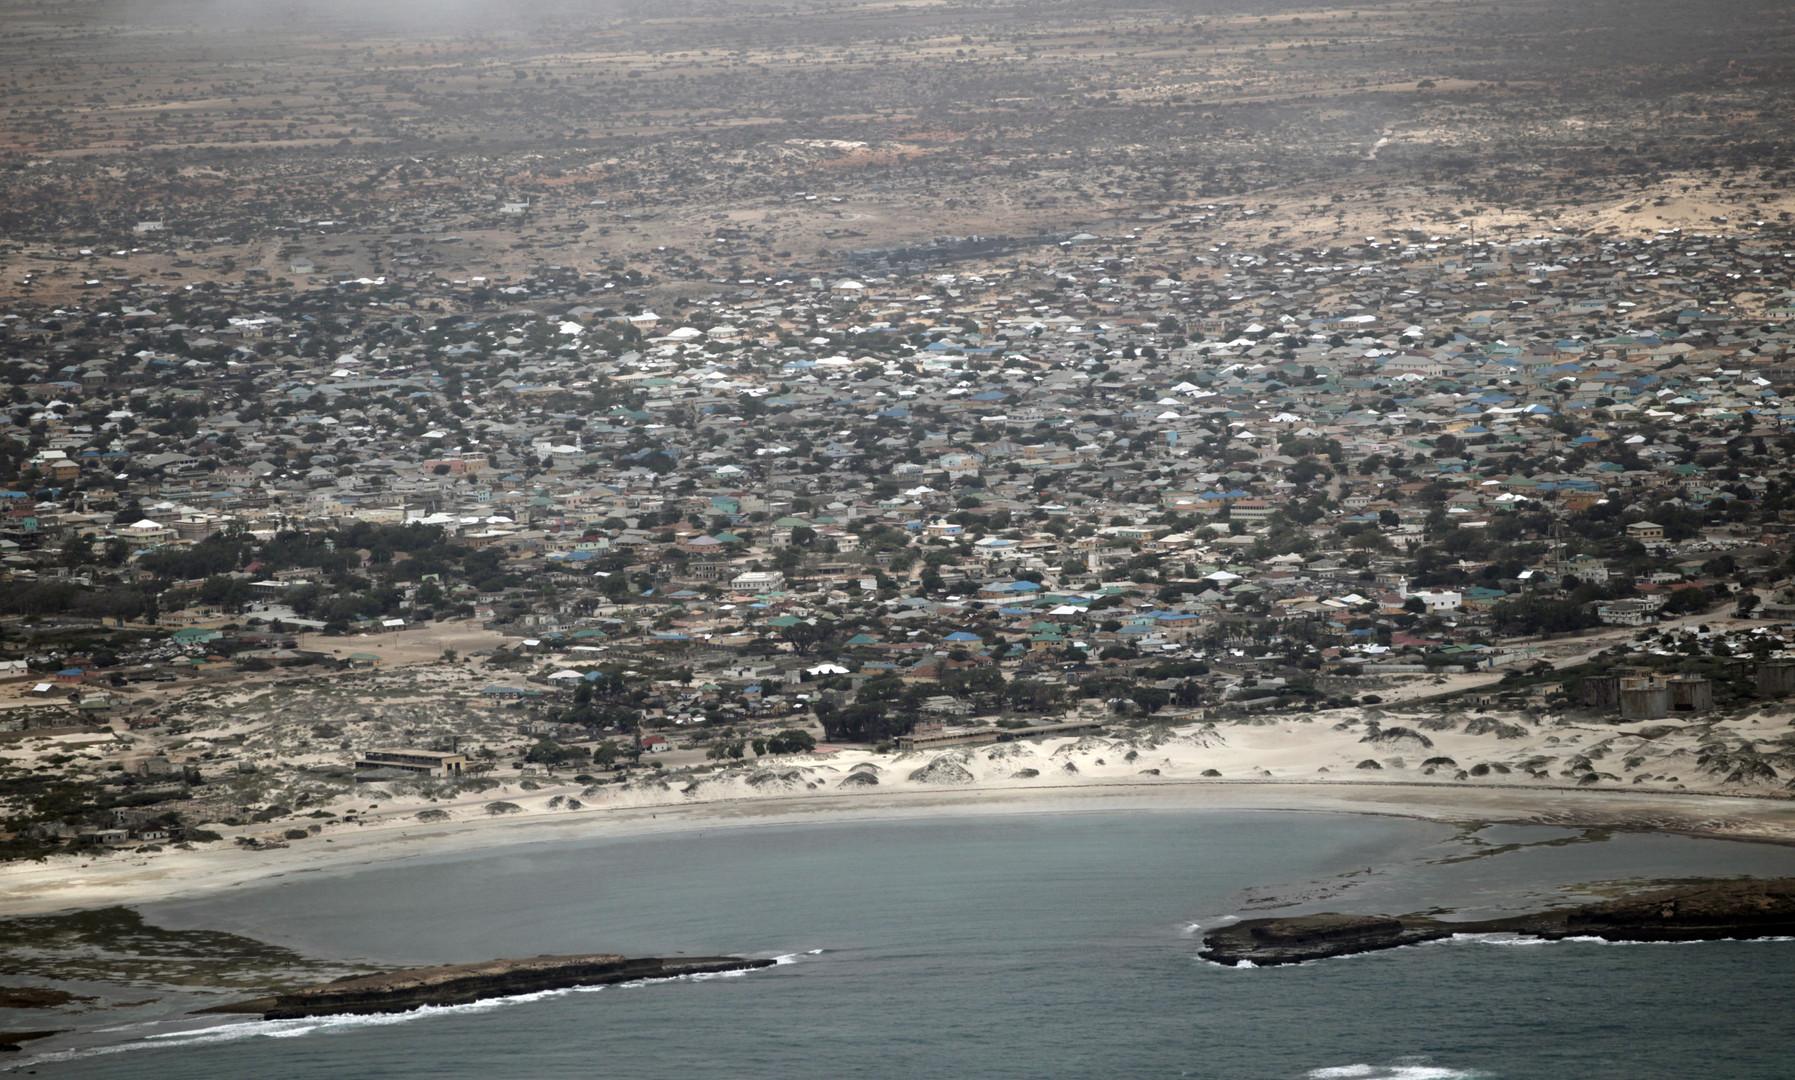 وكالة: 10 قتلى جراء تفجير وهجوم استهدفا فندقا في الصومال.. و